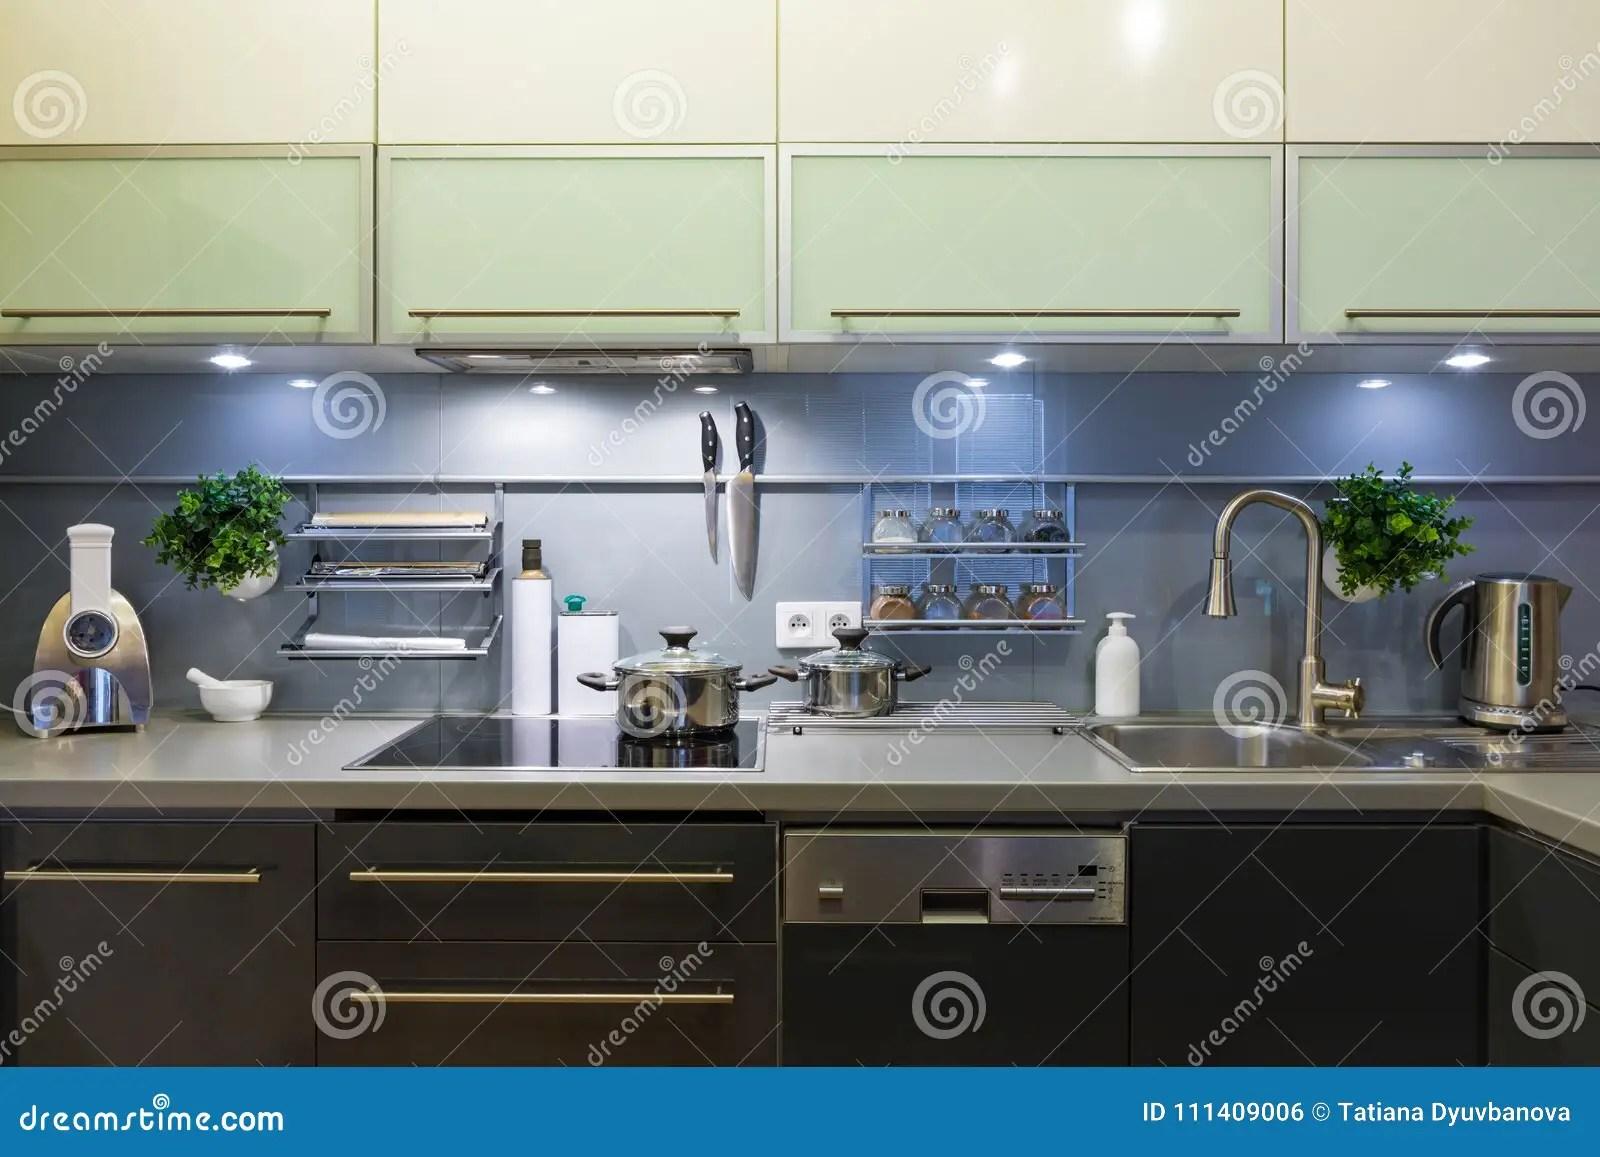 turquoise kitchen decor home depot cabinets 现代厨房在家有厨具的库存照片 图片包括有现代 膳食 装饰 刀子 滤锅 灰色颜色的现代厨房在家与厨具